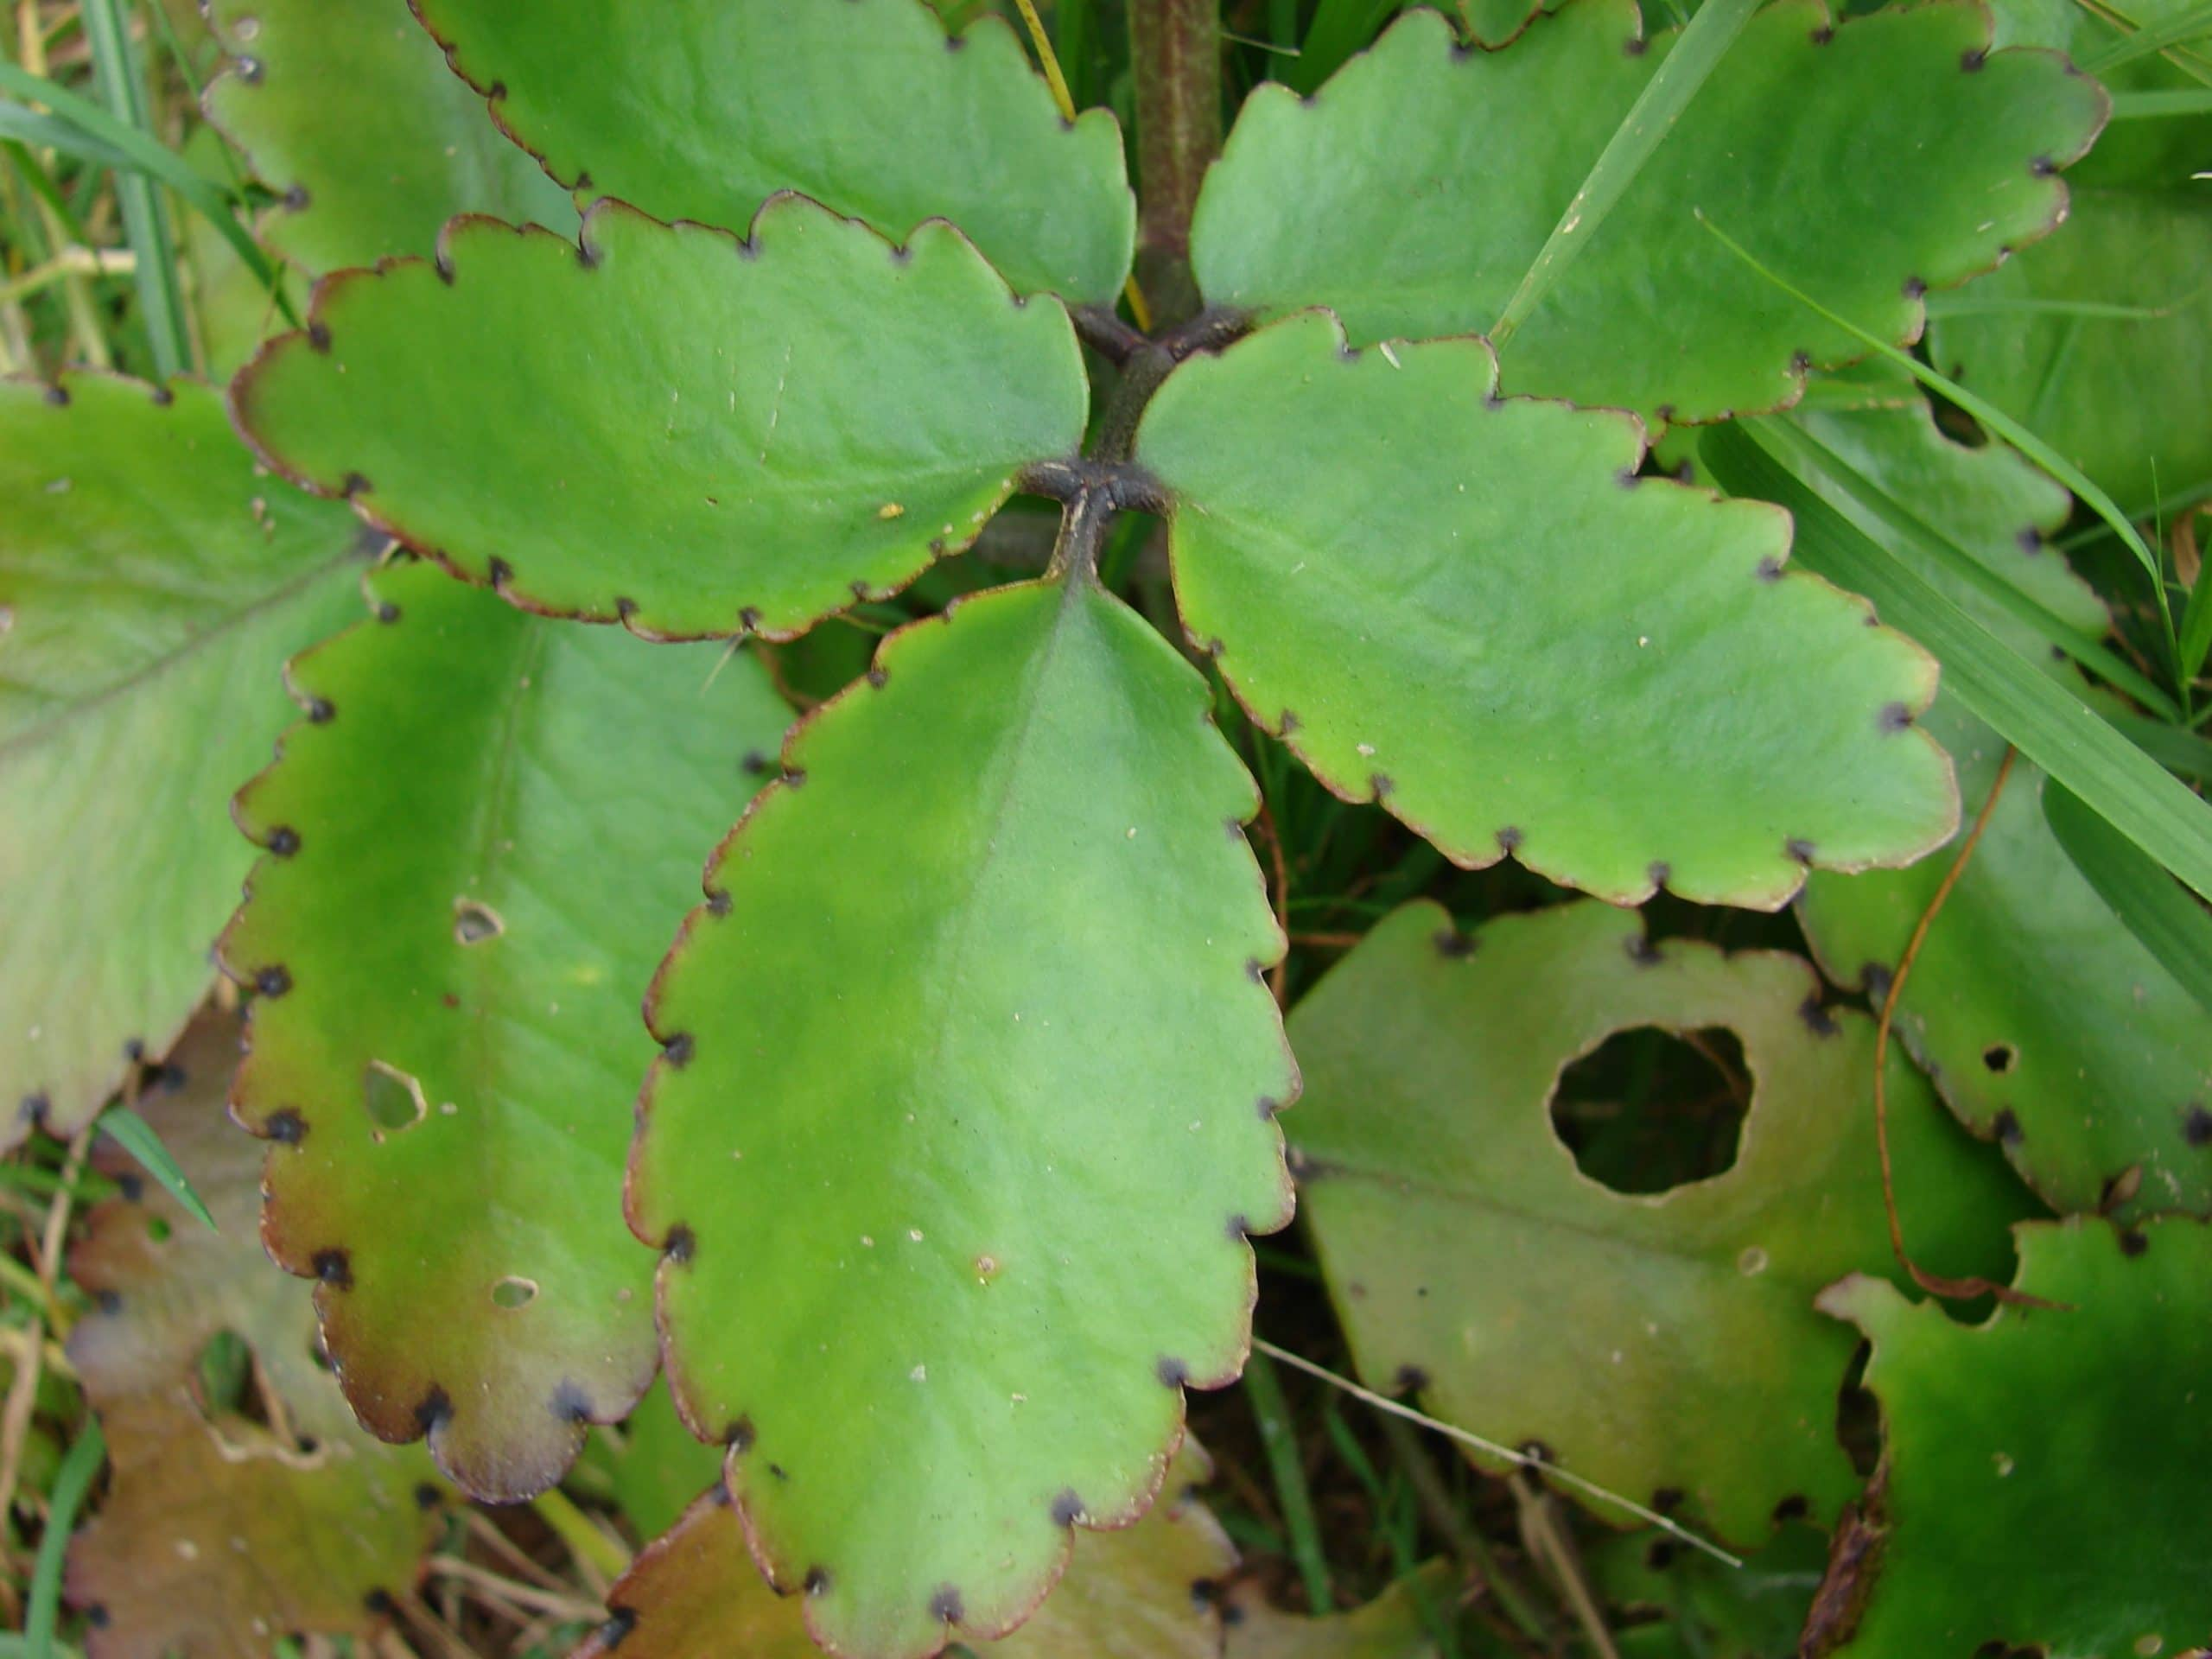 Las hojas del Kalanchoe pinnata son carnosas